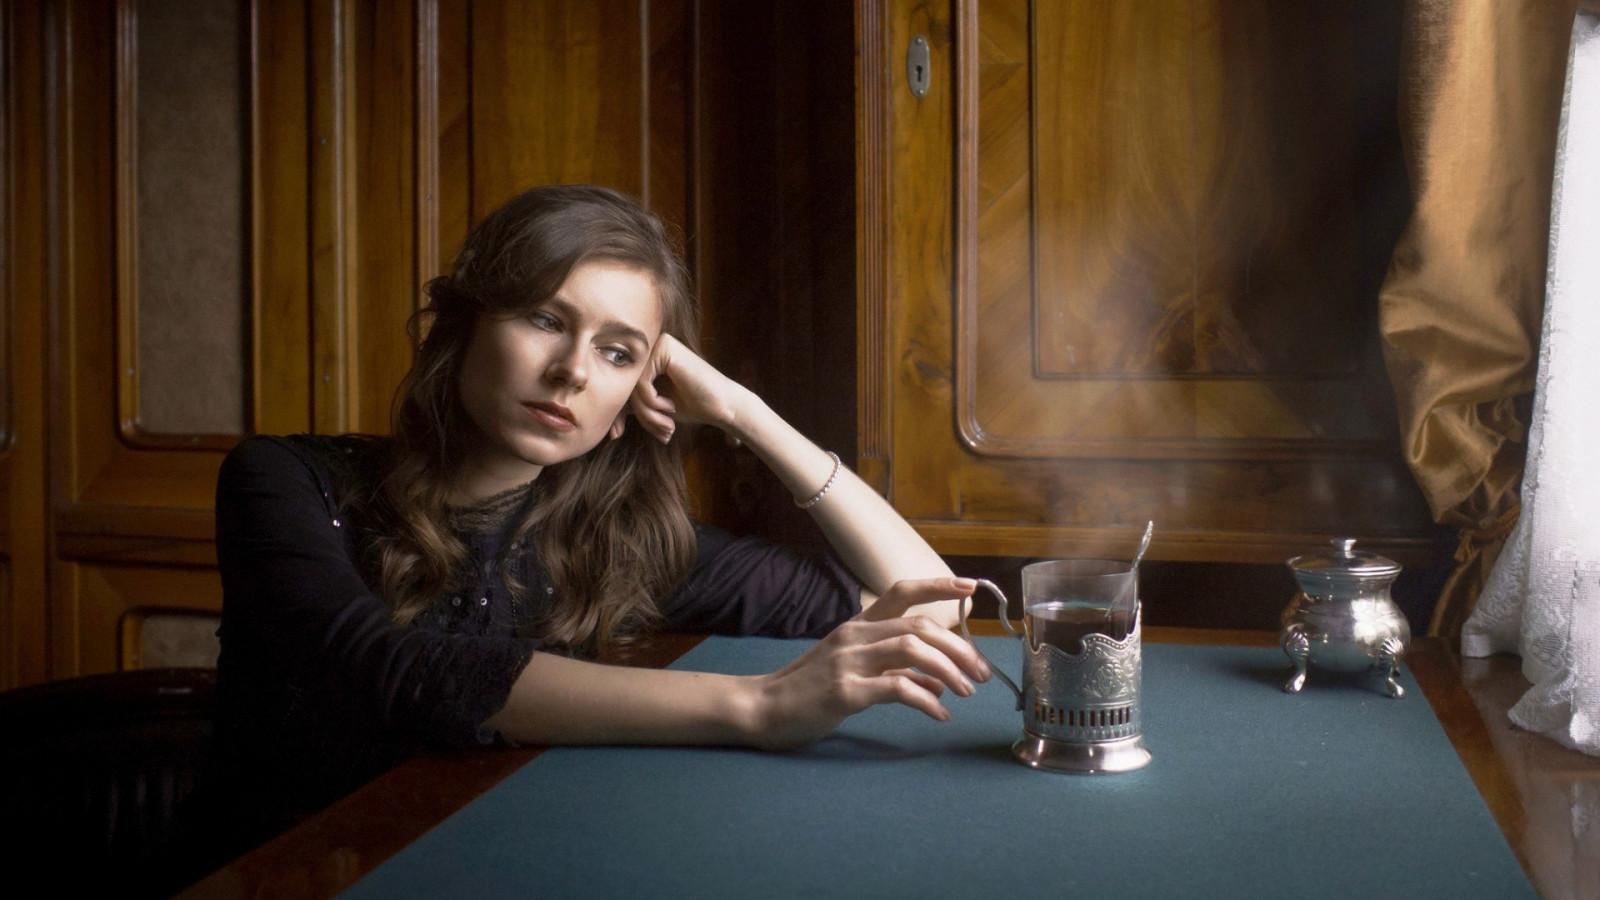 Развлечение одинокой женщины, фистинг микро бикини